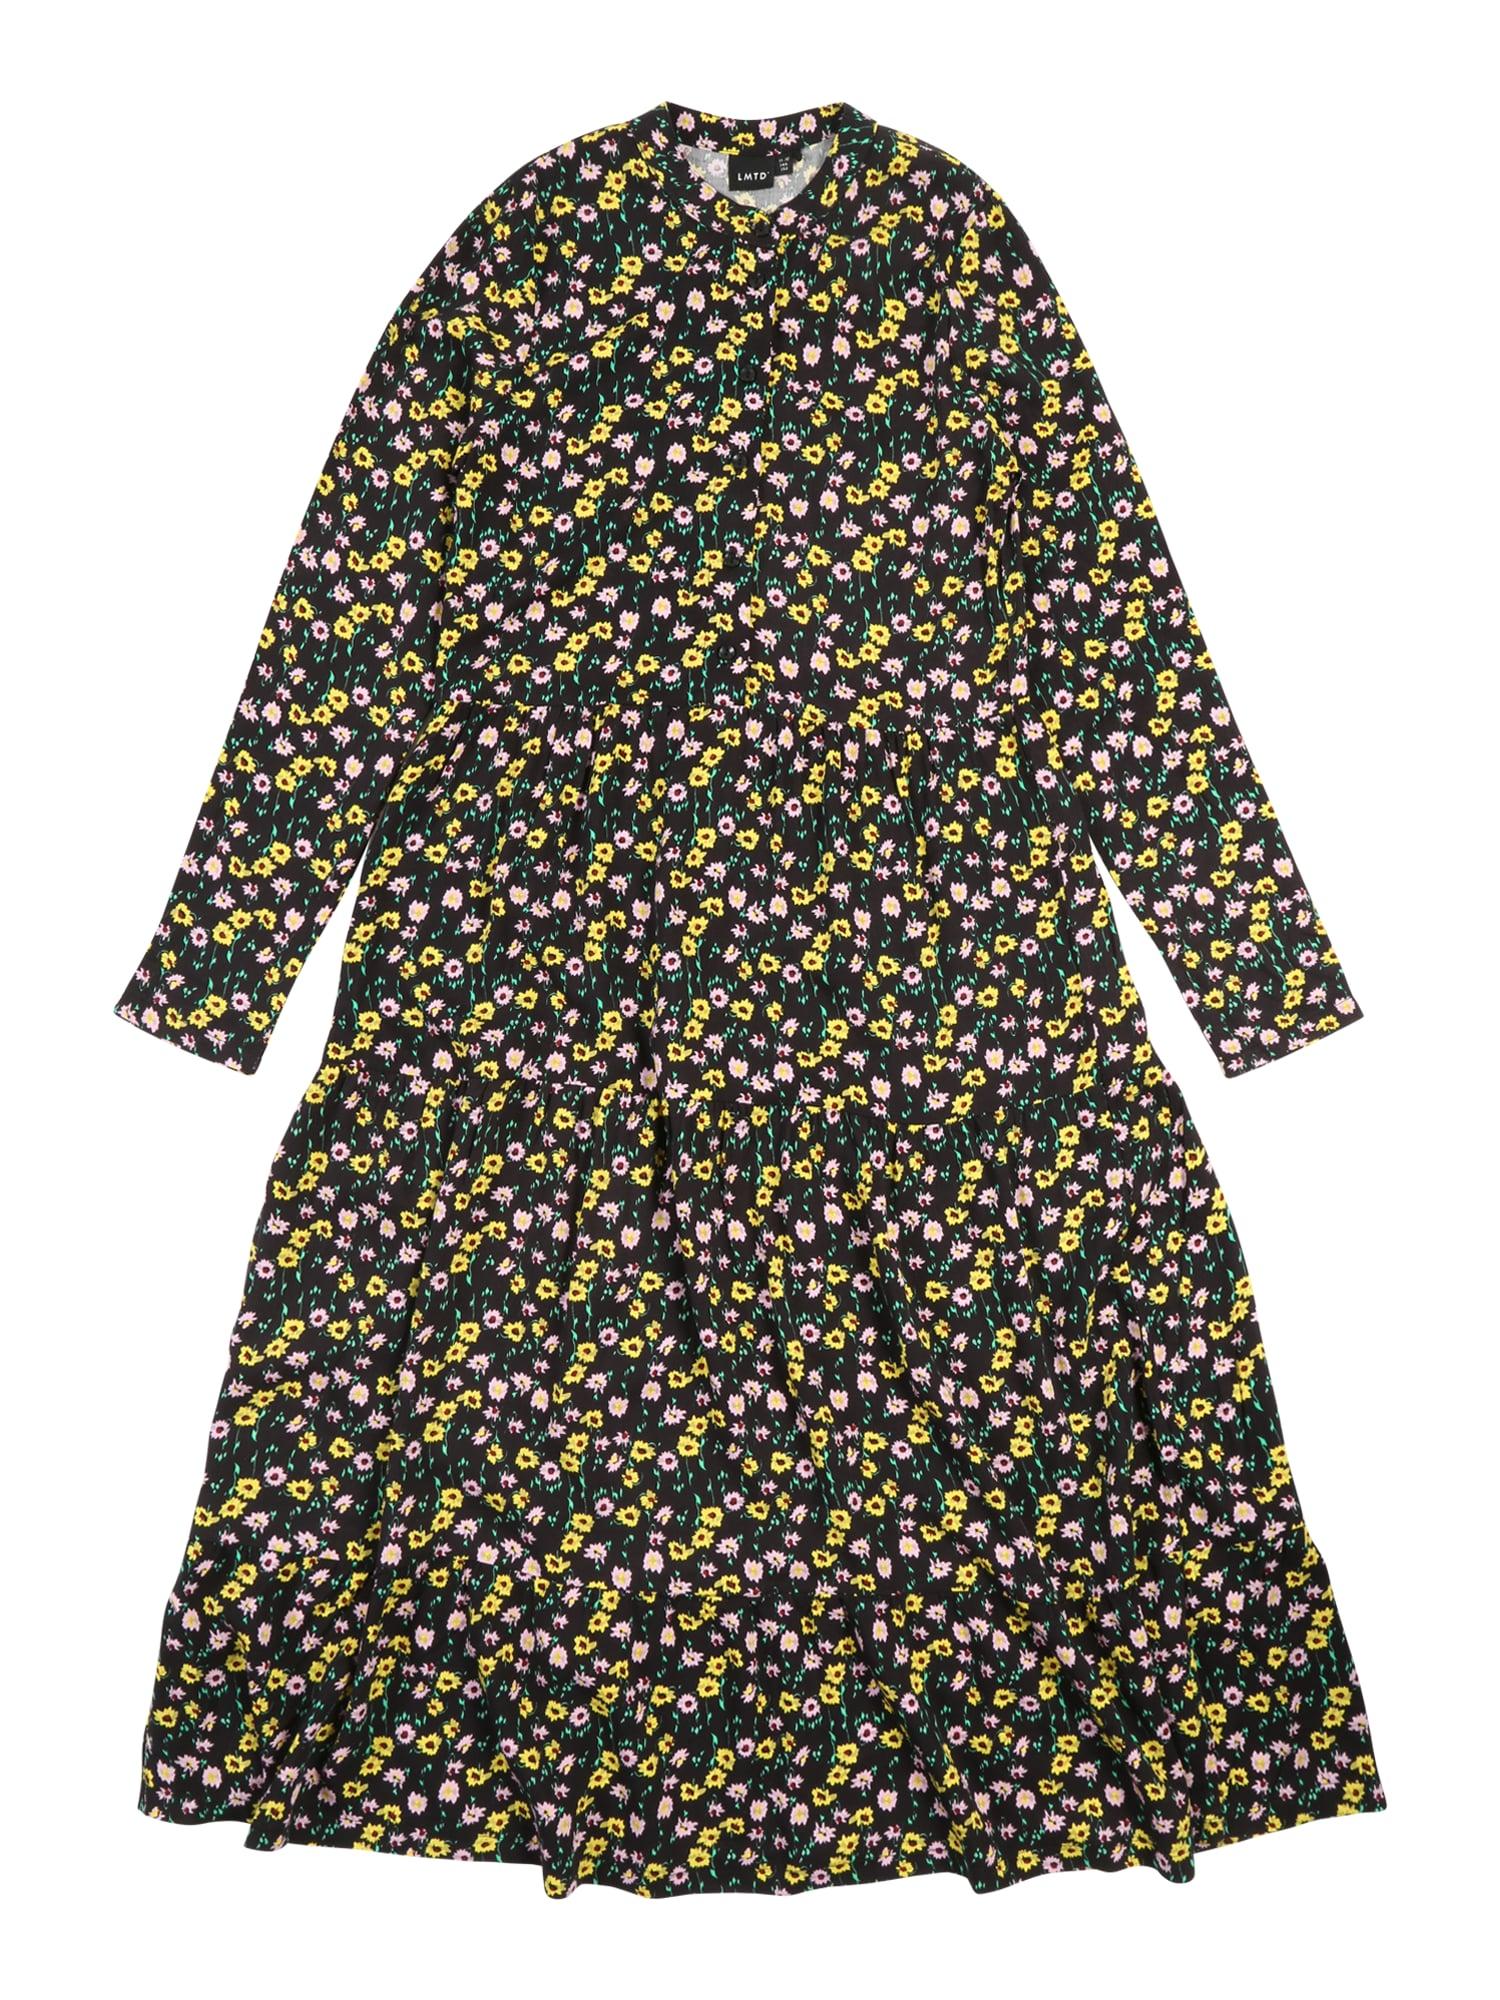 Kinder,  Mädchen,  Kinder LMTD Kleid gelb,  schwarz | 05714490294553